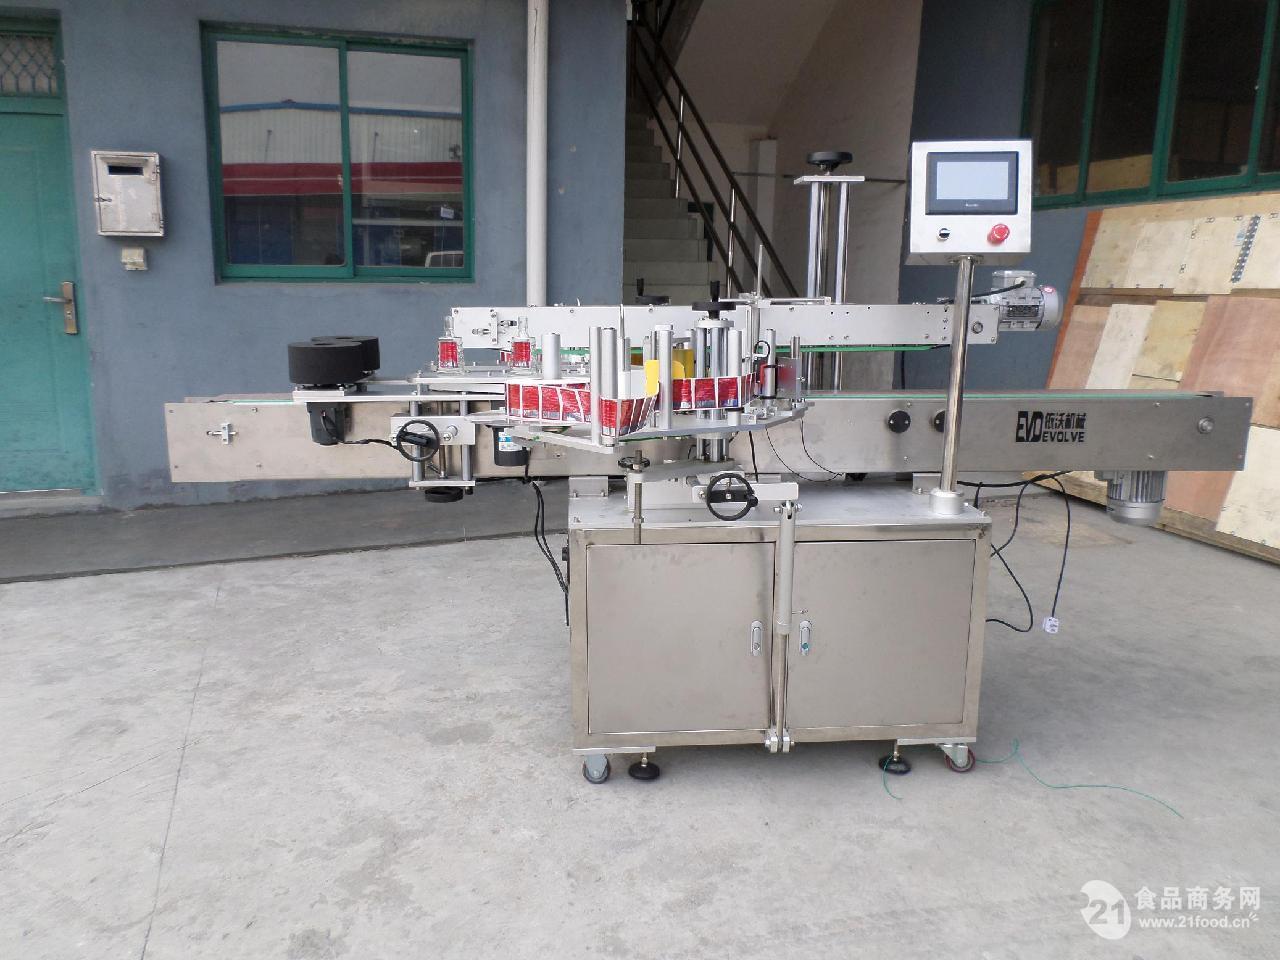 EV-TS200B高速伺服双面贴标机 1、特点: 本机采用进口触摸屏PLC控制系统,同步步进电机或伺服电机送标。 主机部分的设计吸收了进口机的贴签传送方式,解决了一般国产贴标步稳定的因素; 整机可以适用不同规格的瓶子,调整简单,可以在短时间内完成; 该机器完全按照GMP标准的要求设计和制造 2、适用范围 本机主要适用于医药、化工、食品、日化等扁、方、圆、椭圆、圆锥瓶、定位双面等异形瓶子盒子的贴标。